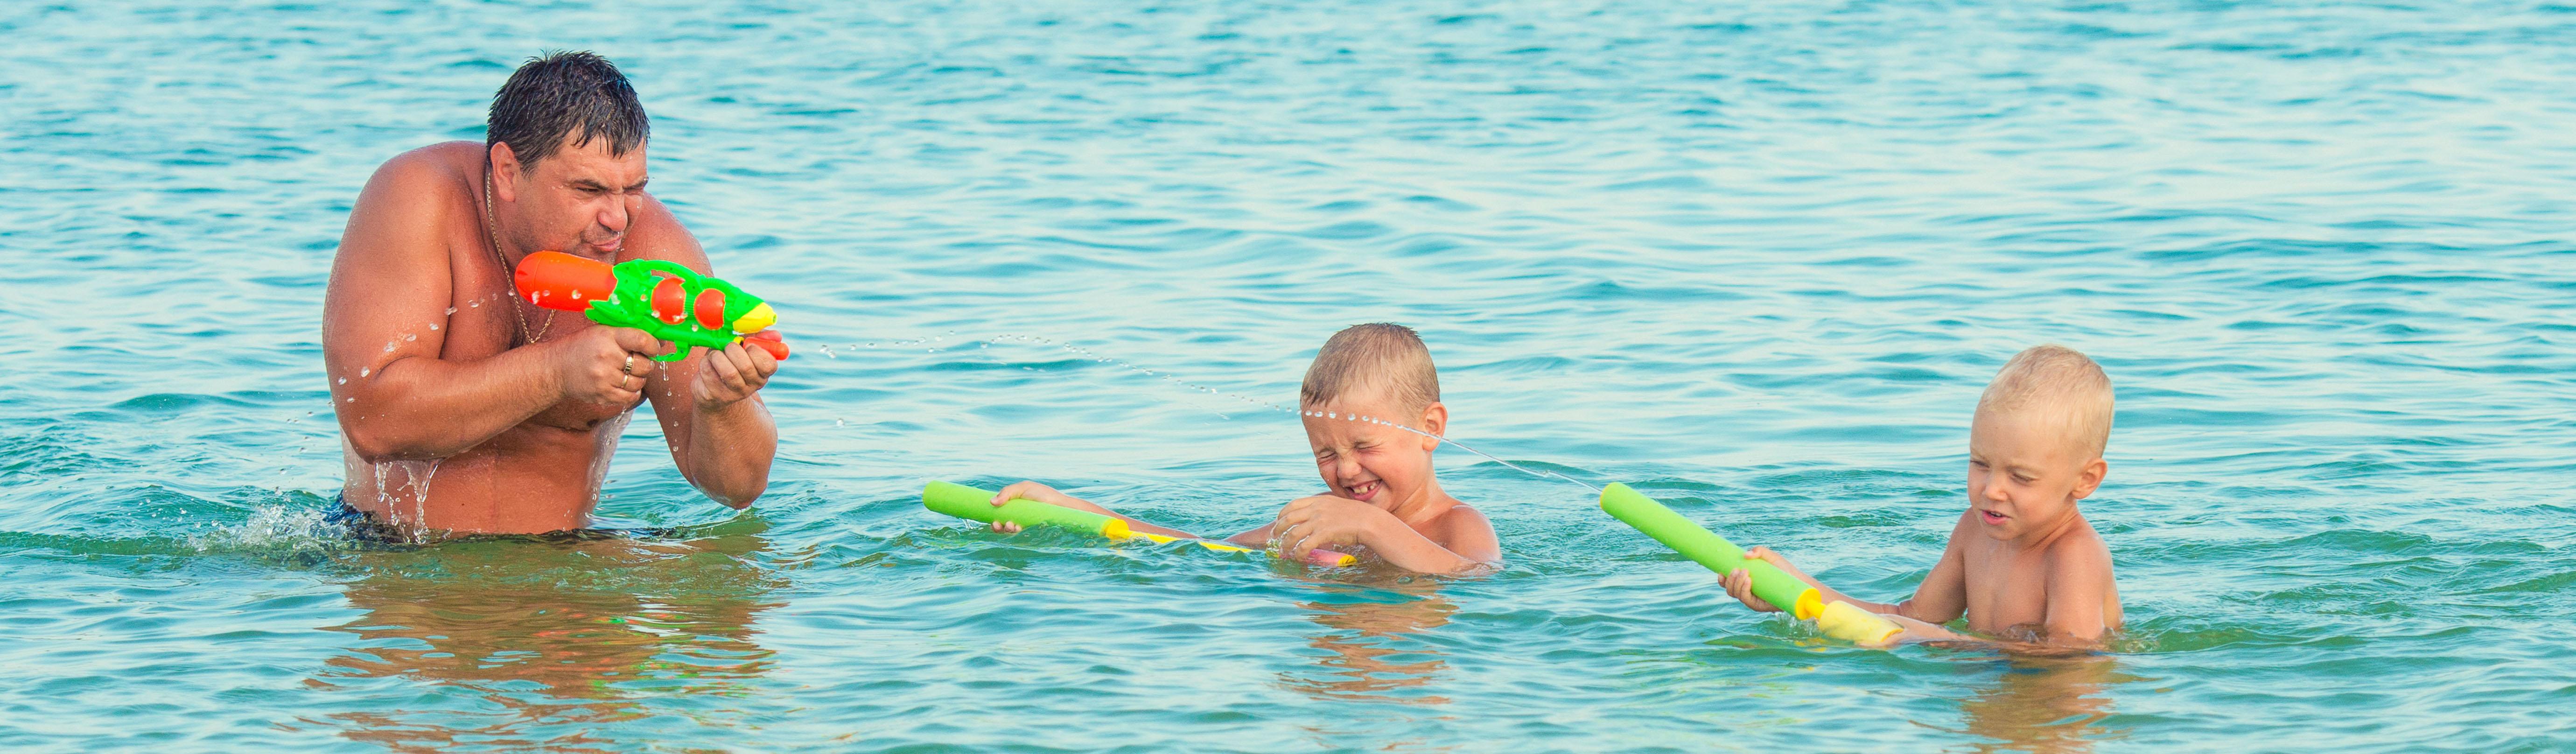 Père et fils - On adore - On adore - 5 jeux d'eau pour rafraichir les enfants